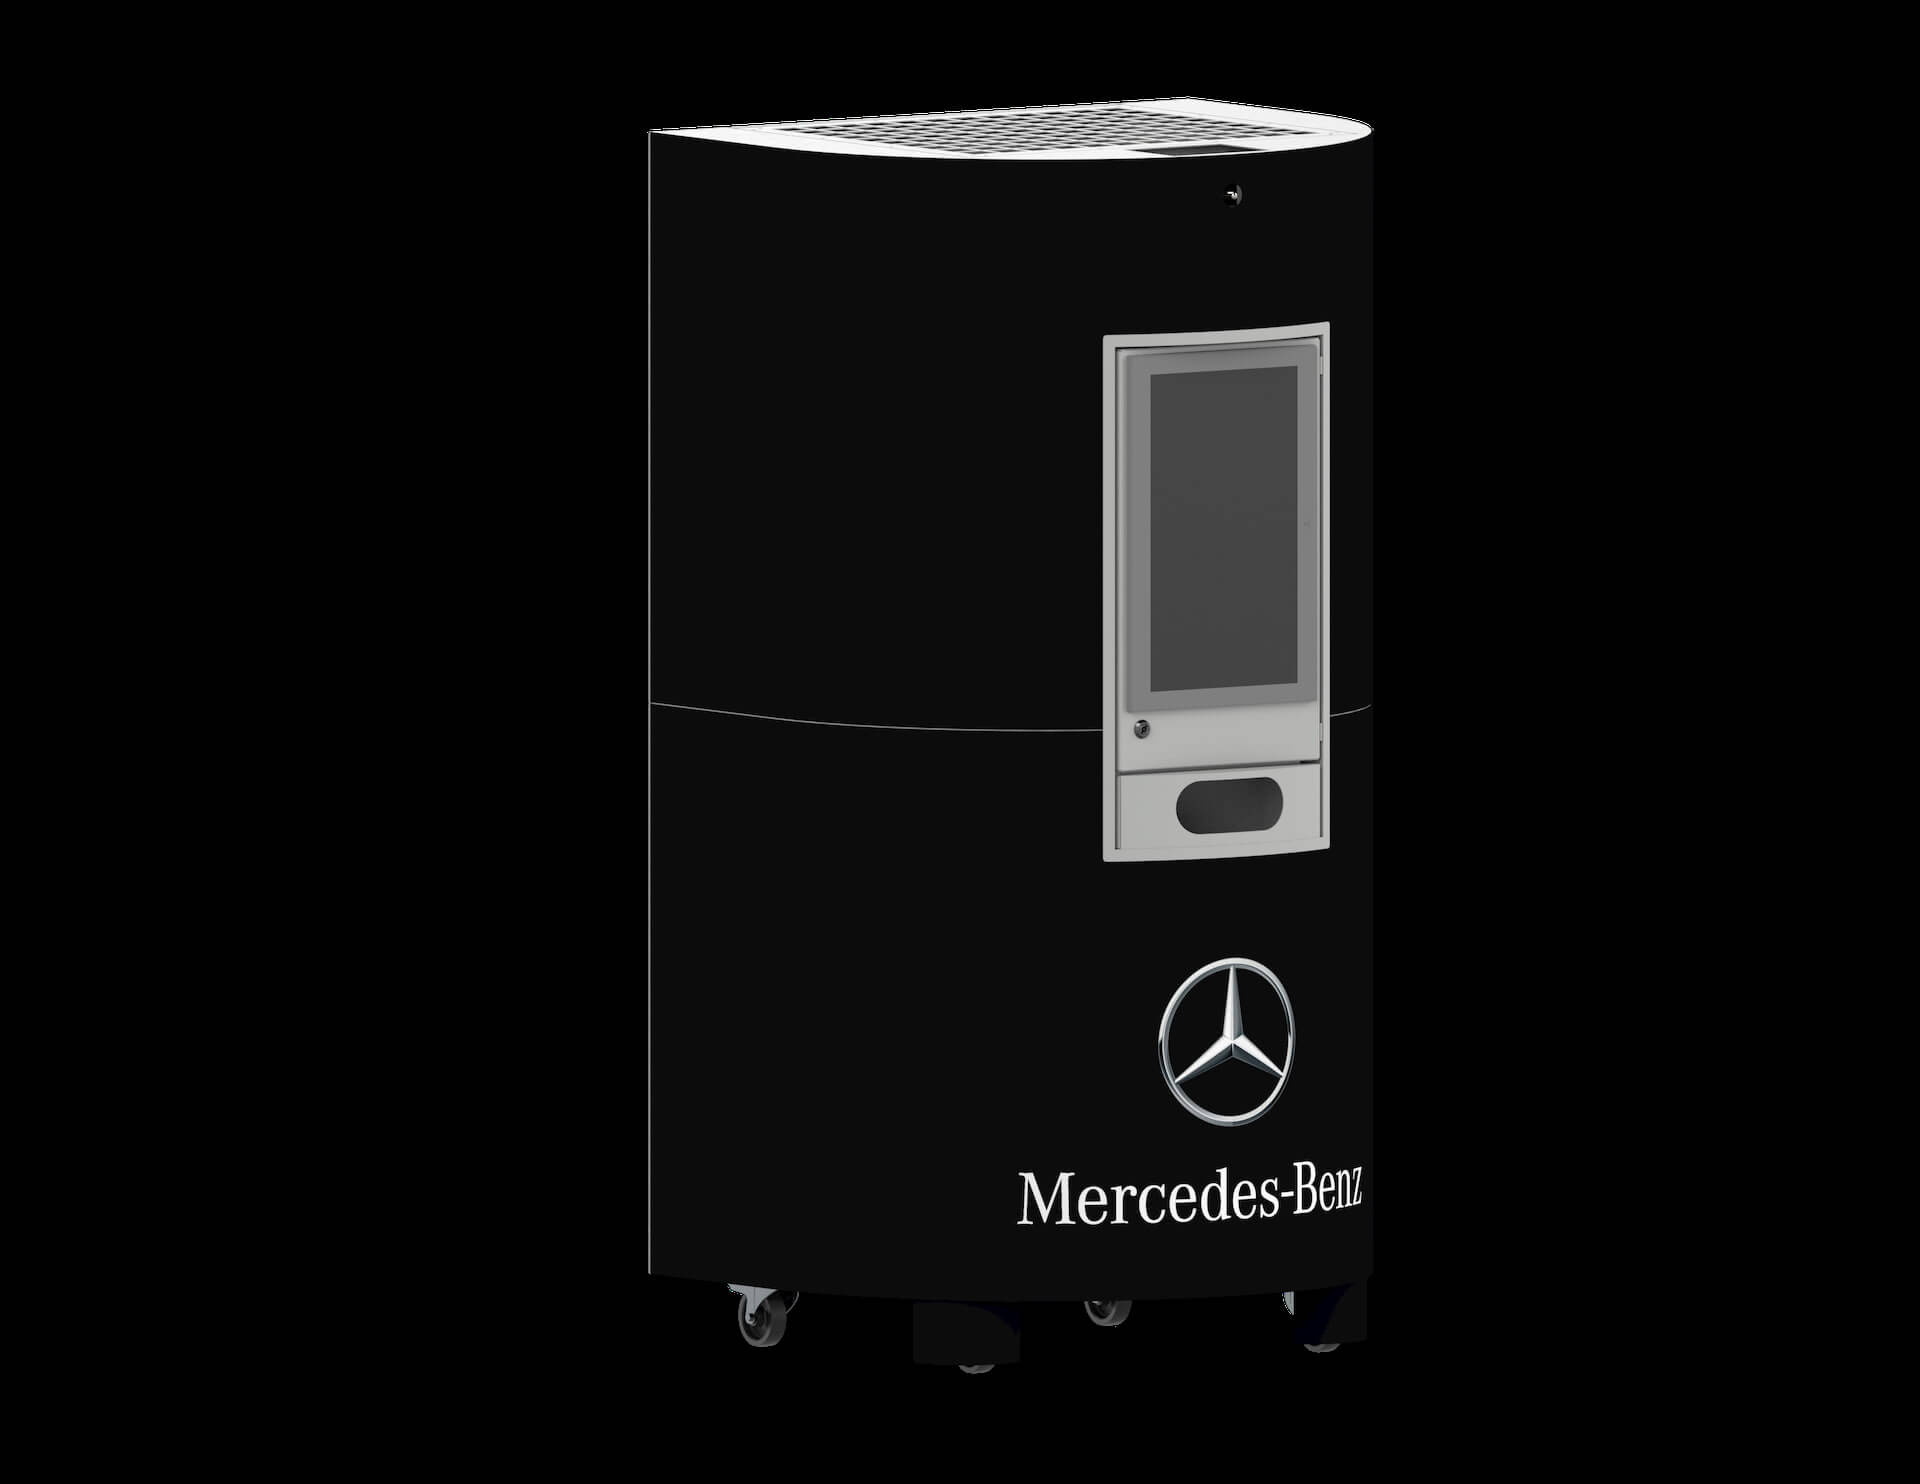 Vitapoint_schwarz_Mercedes_Logo